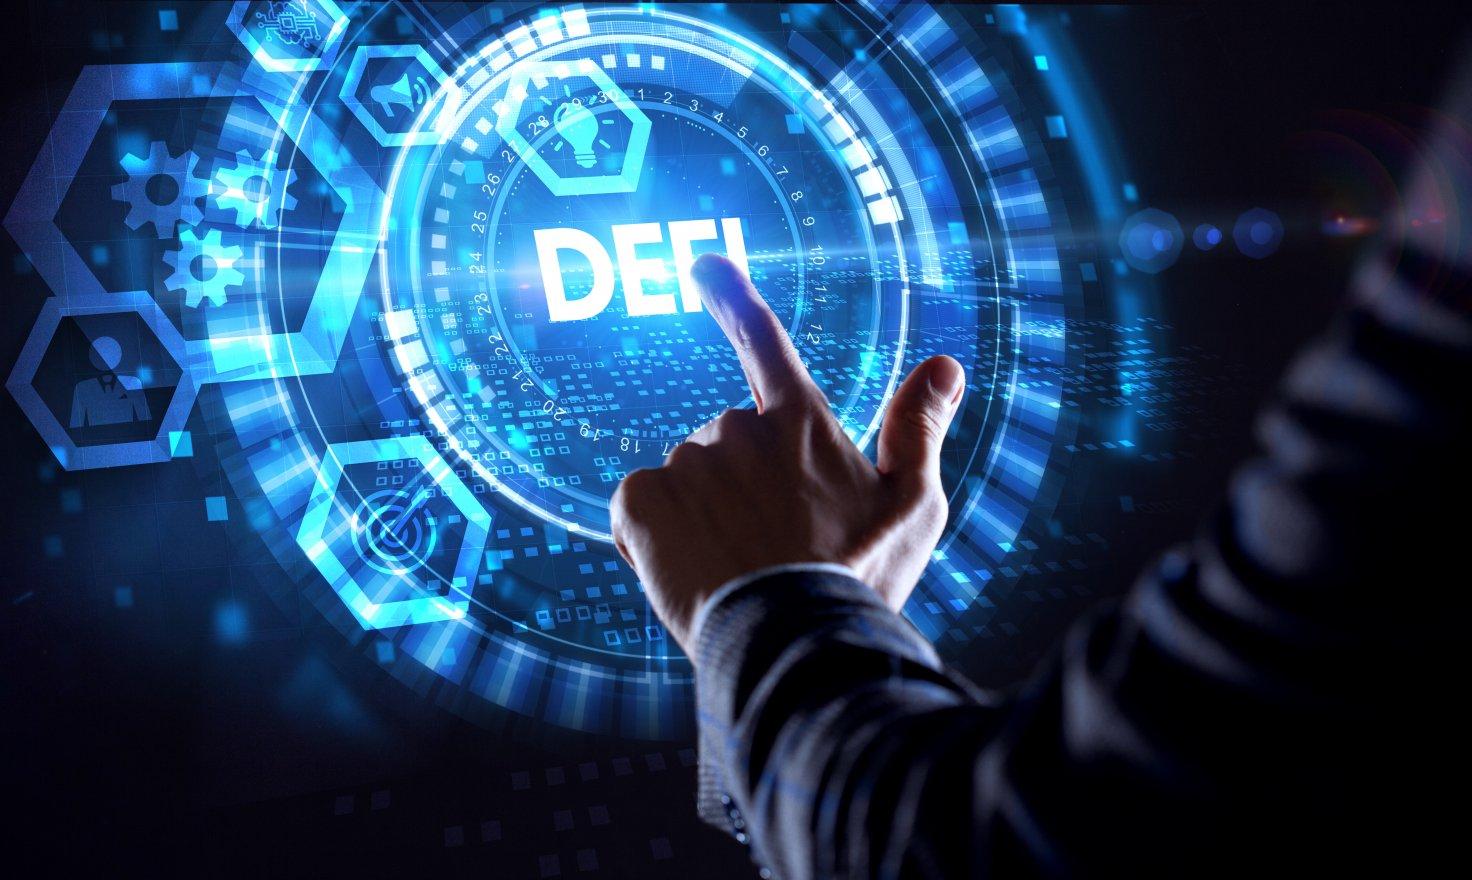 La Securities and Exchange Commission (SEC) américaine a discrètement signé un partenariat pour surveiller les transactions en crypto DeFi